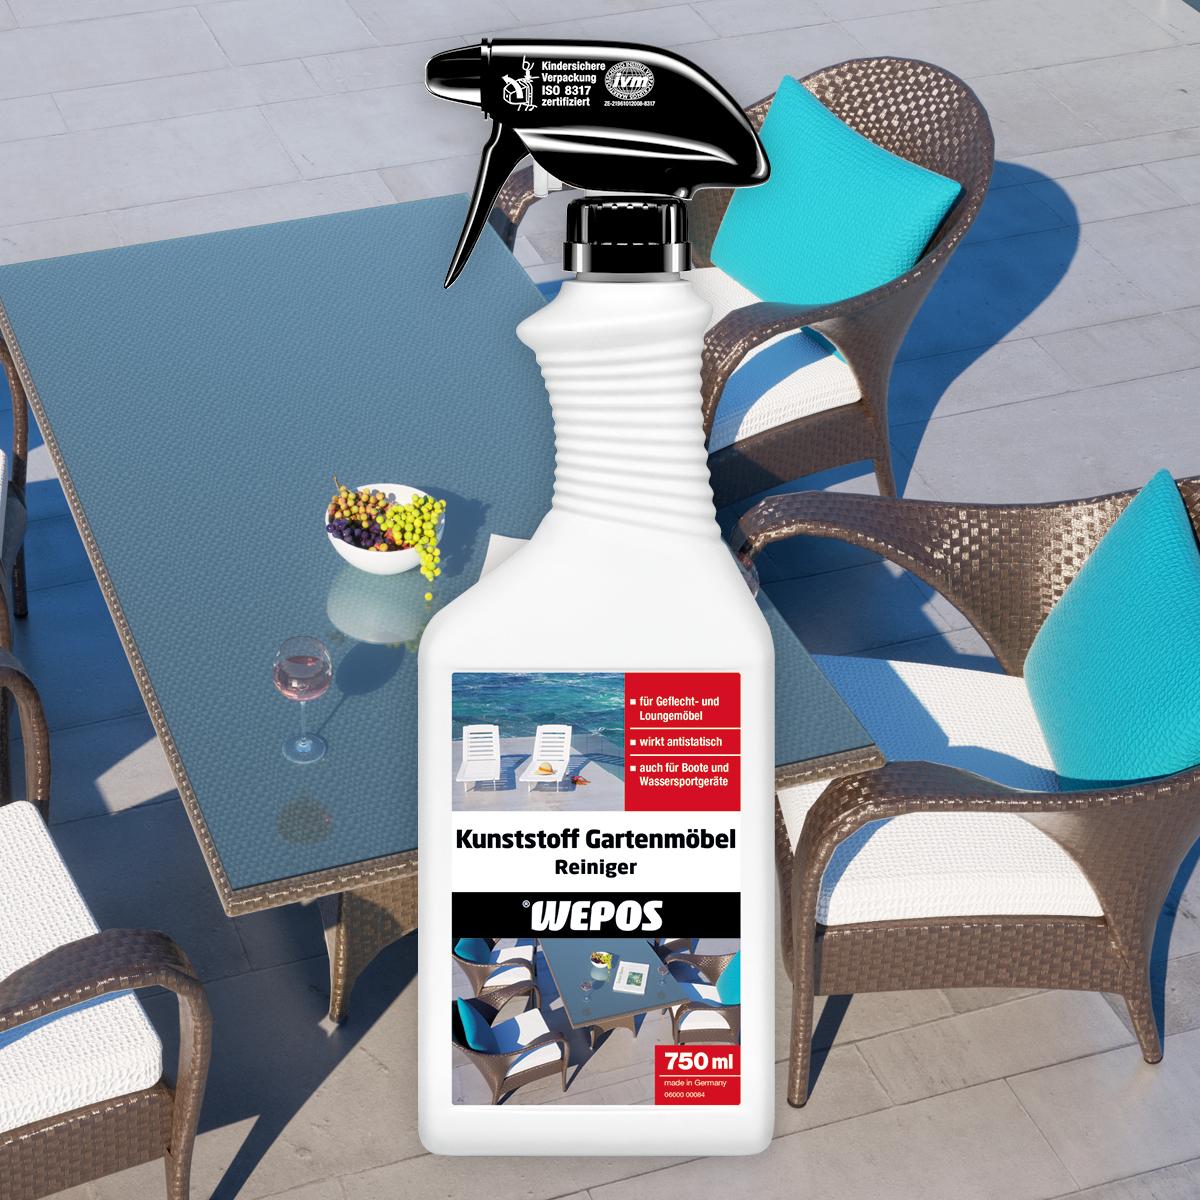 Kunststoff Gartenmöbel Reiniger